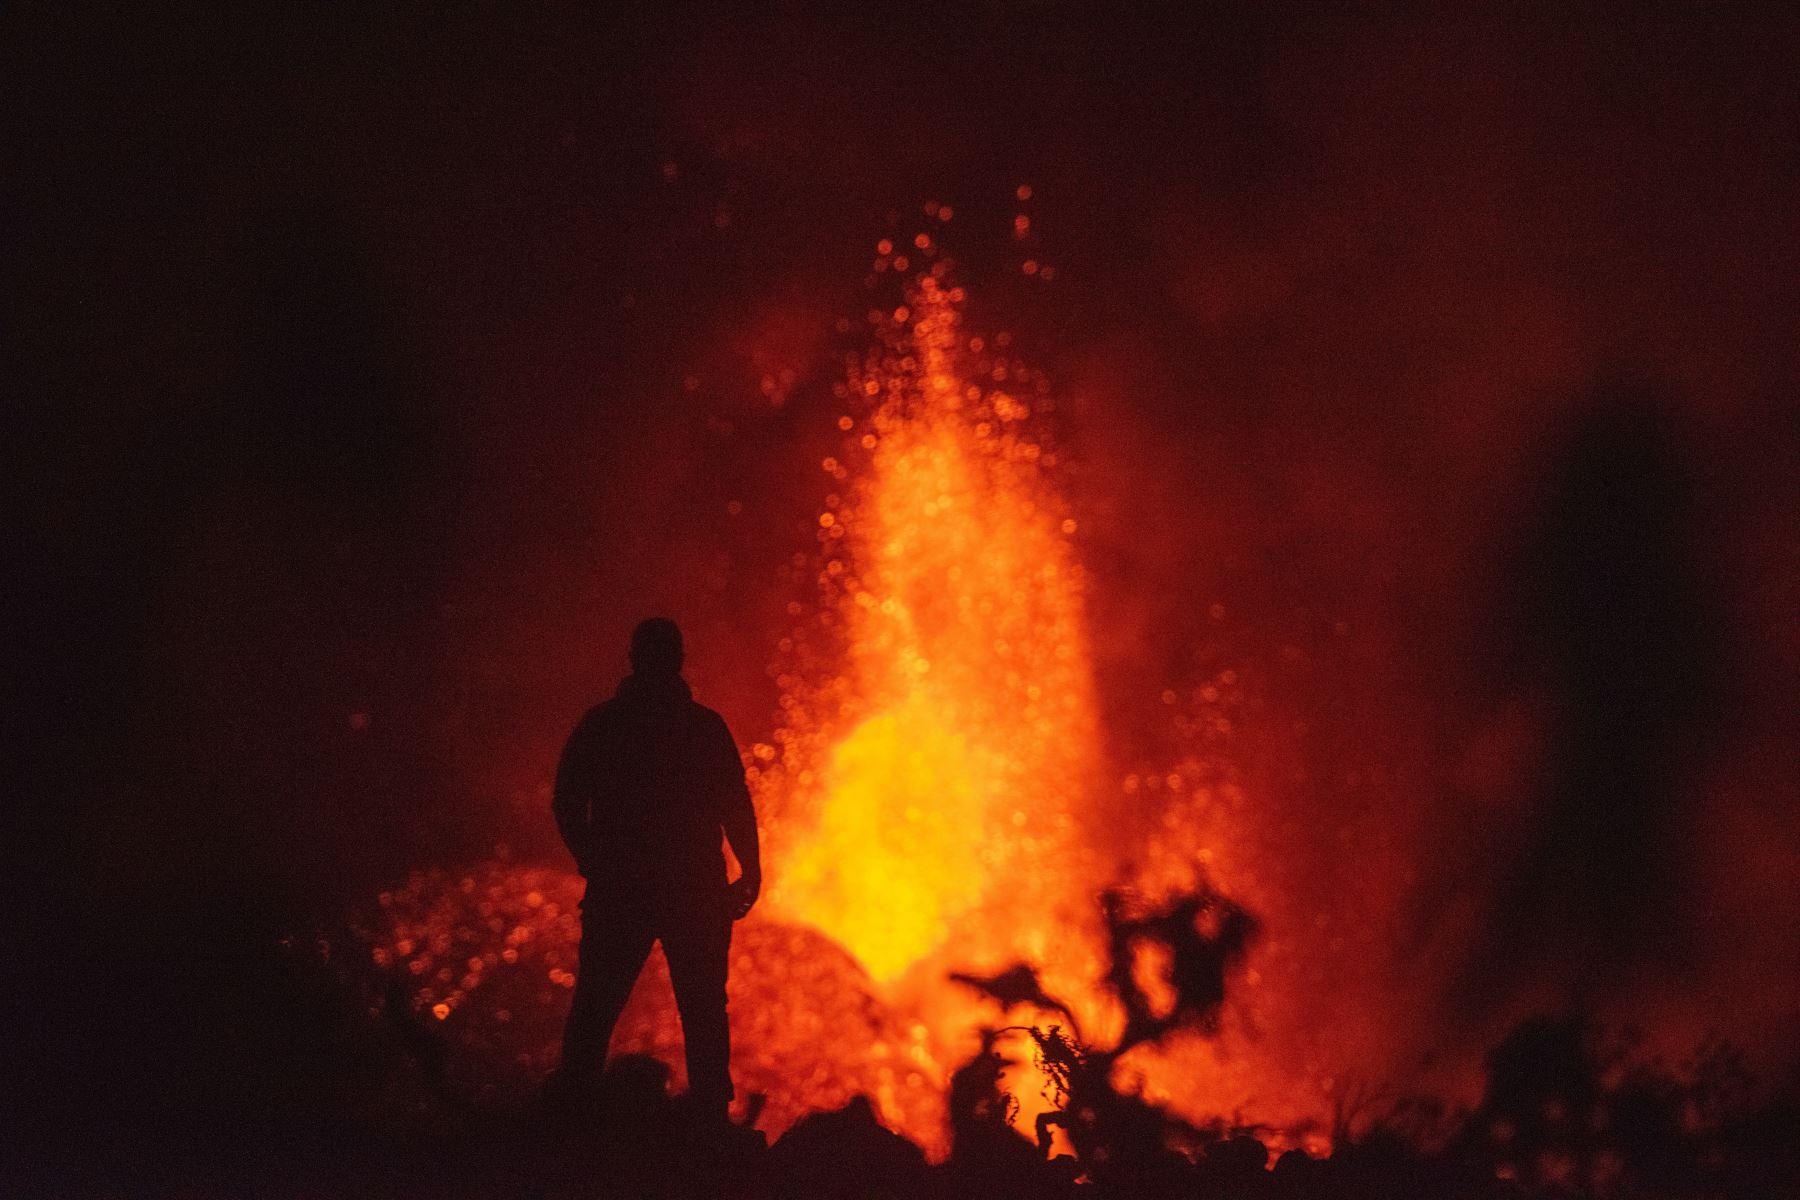 La erupción del volcán de La Palma no acabará ni a corto ni a medio plazo